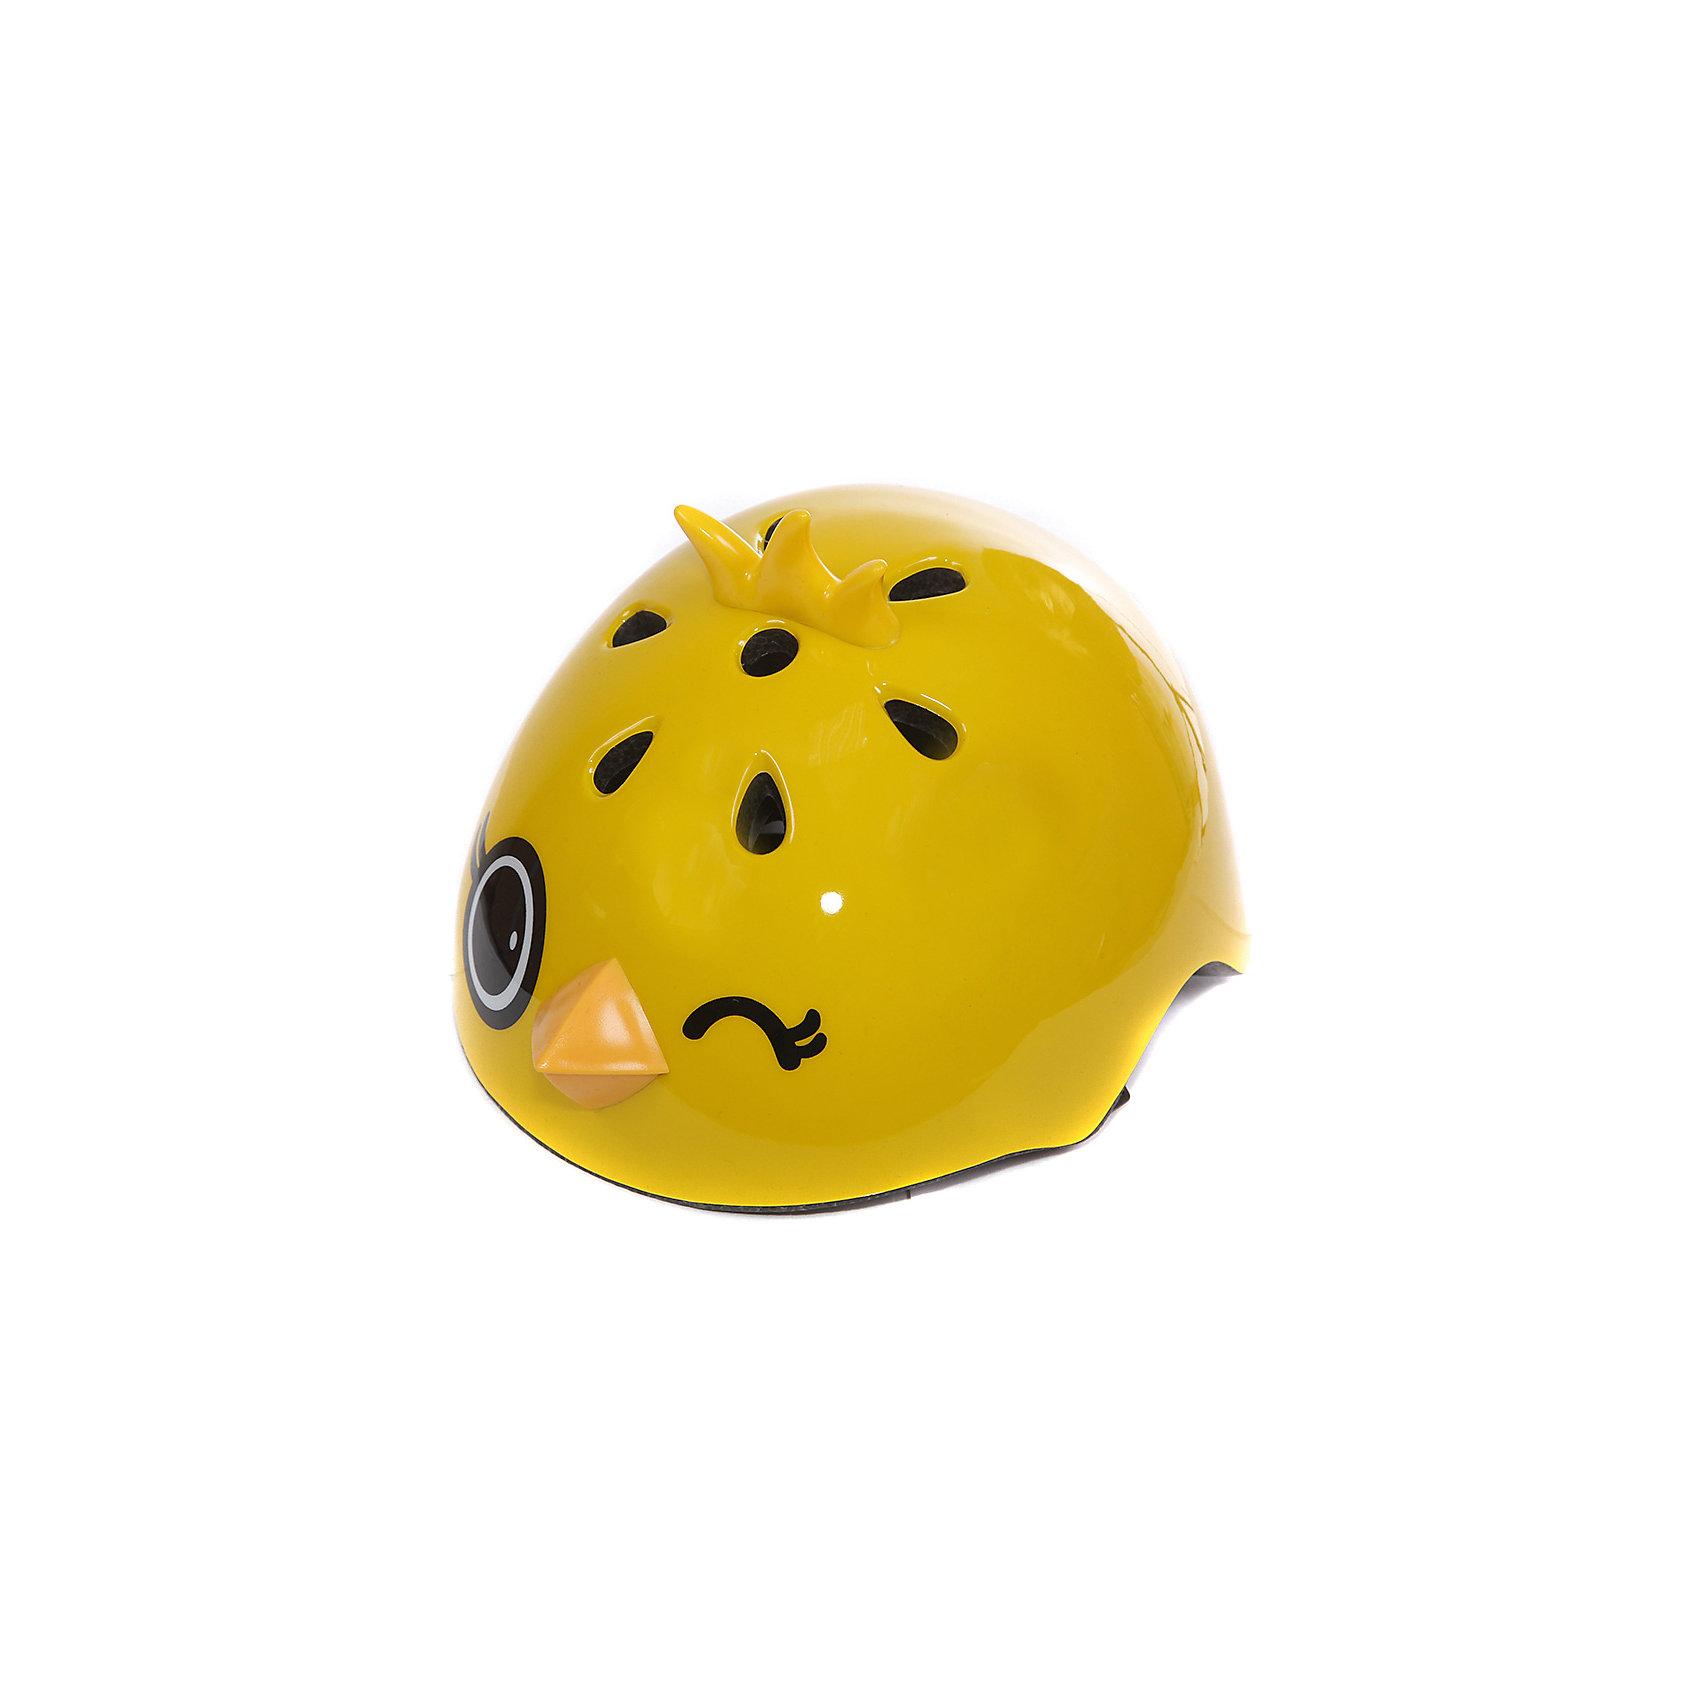 Шлем Цыпленок Янни, желтый, REXCOХарактеристики:<br><br>• Предназначение: для защиты во время катания<br>• Пол: универсальный<br>• Цвет: желтый, черный<br>• Материал: пластик двух видов (твердый, мягкий), внутренняя часть – полистирол EPS<br>• Размер: 23,5*20,5*17 см<br>• Вес: 630 г<br><br>Шлем Цыпленок Янни, желтый, REXCO предназначен для обеспечения защиты головы от ударов и травм во время катания ребенка на велосипеде, самокате, роликах или скейтборде. Шлем выполнен из двух видов экологически безопасного пластика: верхняя часть из ударопрочного материала, элементы дизайна из мягкого пластика, внутренняя часть из воздухопроницаемого полистирола. Высокие воздухопроницаемые свойства обеспечиваются и за счет дизайнерских отверстий на шлеме. Защитный шлем выполнен в ярком дизайне: в форме мордочки цыпленка с 3-d элементами. Шлем оснащен регулируемым ремешком-застежкой.<br>Шлем Цыпленок Янни, желтый, REXCO обеспечит безопасность вашего ребенка во время катания на любом детском транспорте.<br><br>Шлем Цыпленок Янни, желтый, REXCO можно купить в нашем интернет-магазине.<br><br>Подробнее:<br>Для детей в возрасте: от 3 и до 7 лет<br>Номер товара: 4785562<br>Страна производитель: Китай<br><br>Ширина мм: 400<br>Глубина мм: 400<br>Высота мм: 300<br>Вес г: 630<br>Возраст от месяцев: 36<br>Возраст до месяцев: 84<br>Пол: Унисекс<br>Возраст: Детский<br>SKU: 4785562